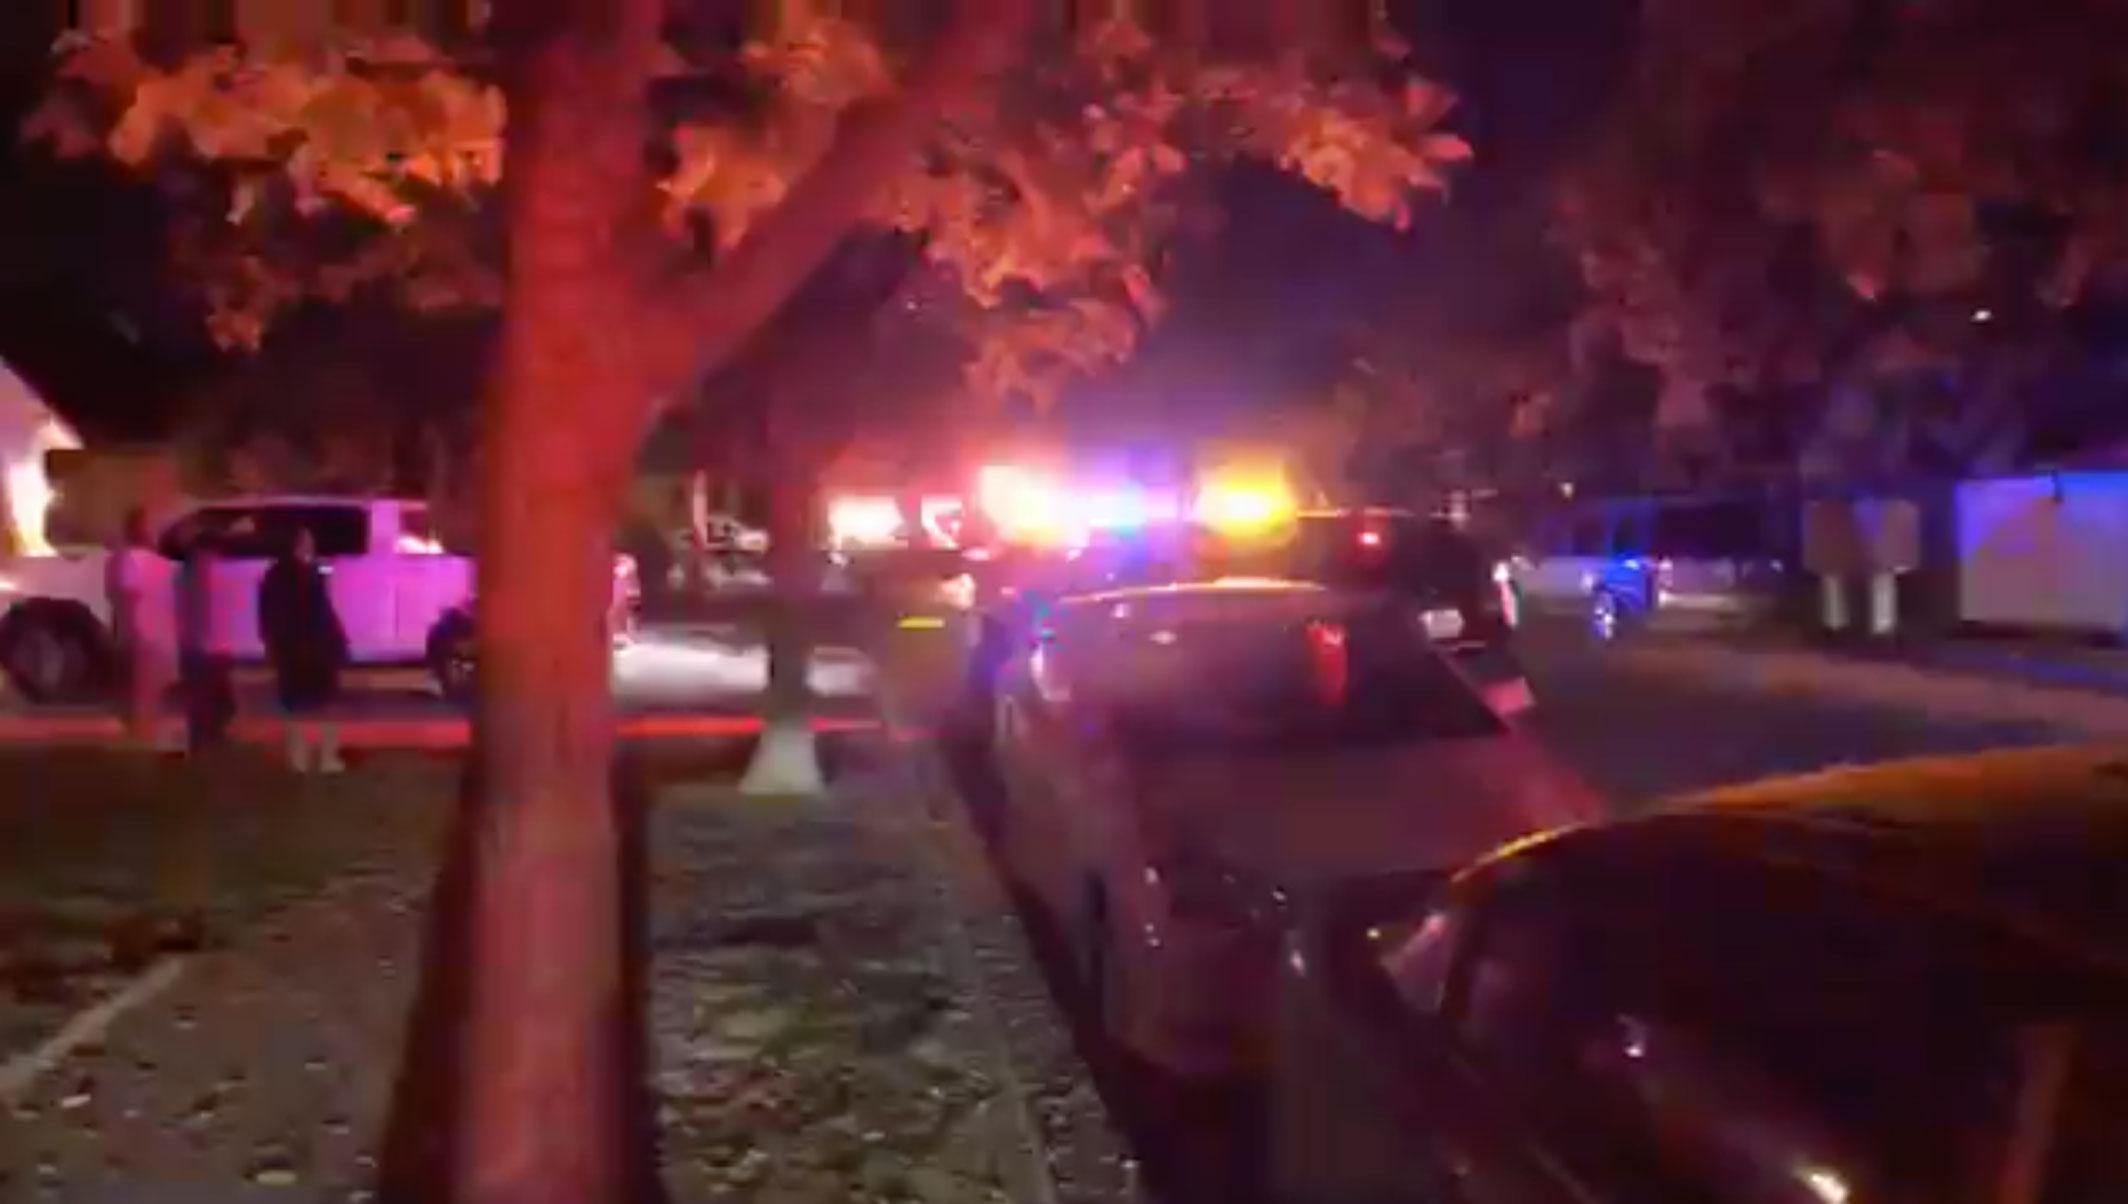 """Τρόμος σε πάρτι στην Καλιφόρνια – Άγνωστος """"γάζωσε"""" οικογένεια την ώρα που έβλεπε ποδόσφαιρο – «Μπήκαμε και βρήκαμε πτώματα»"""